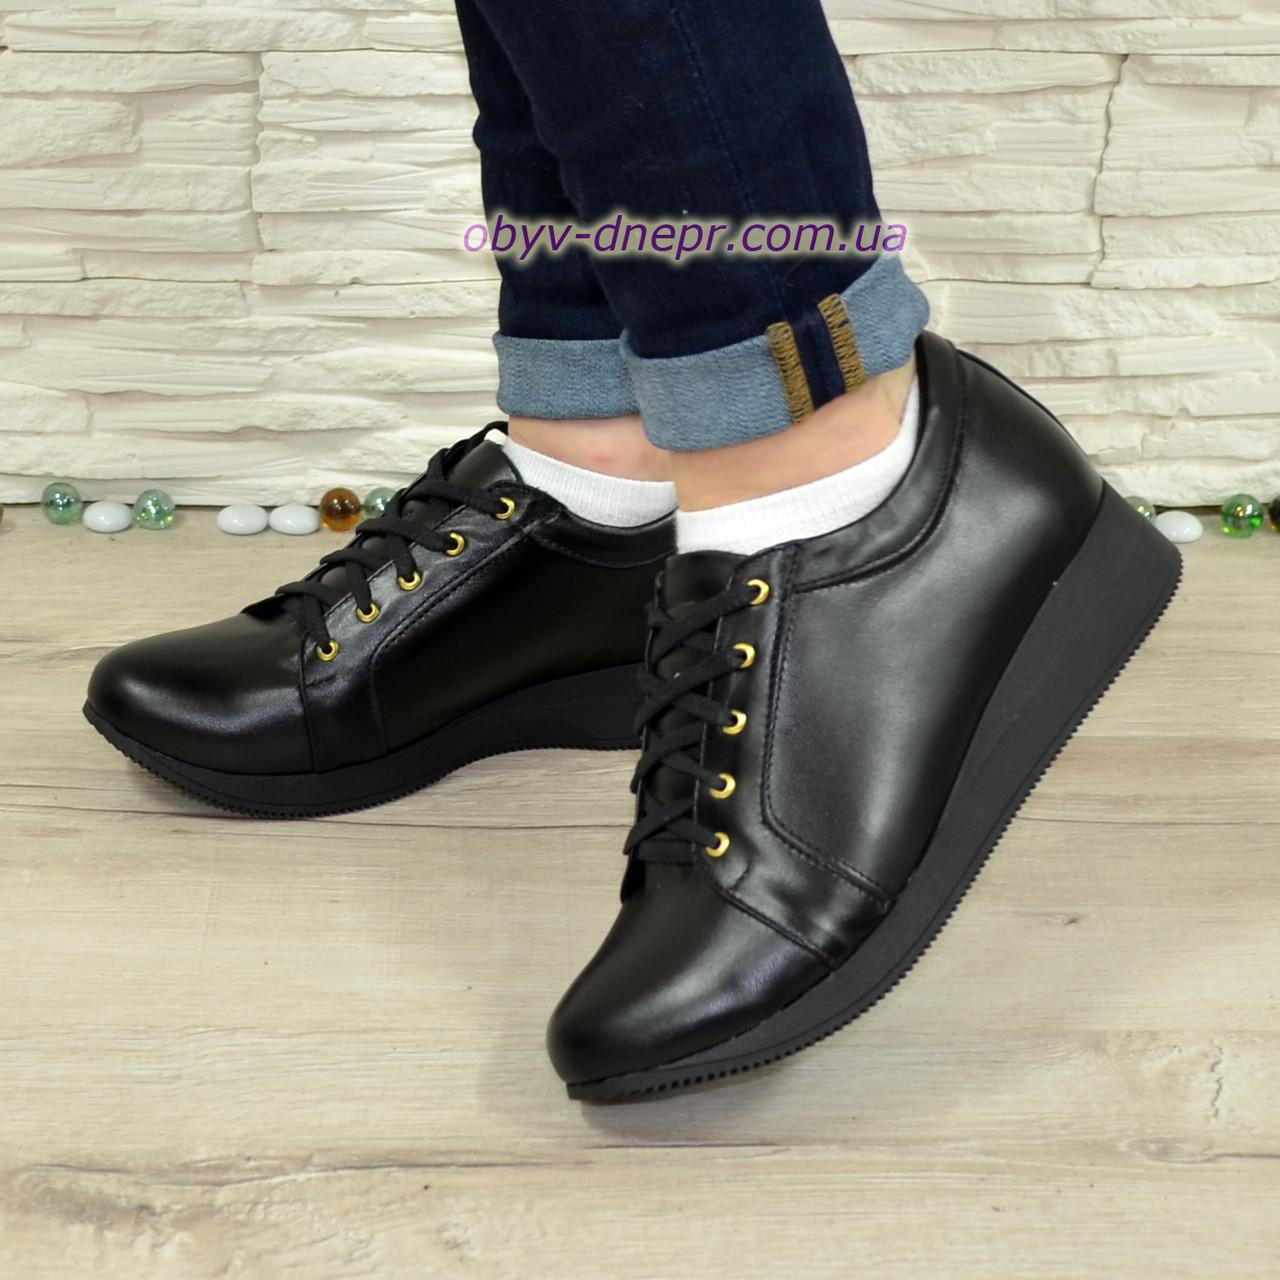 307a59faa Туфли-кроссовки женские кожаные на утолщенной подошве - Интернет-магазин